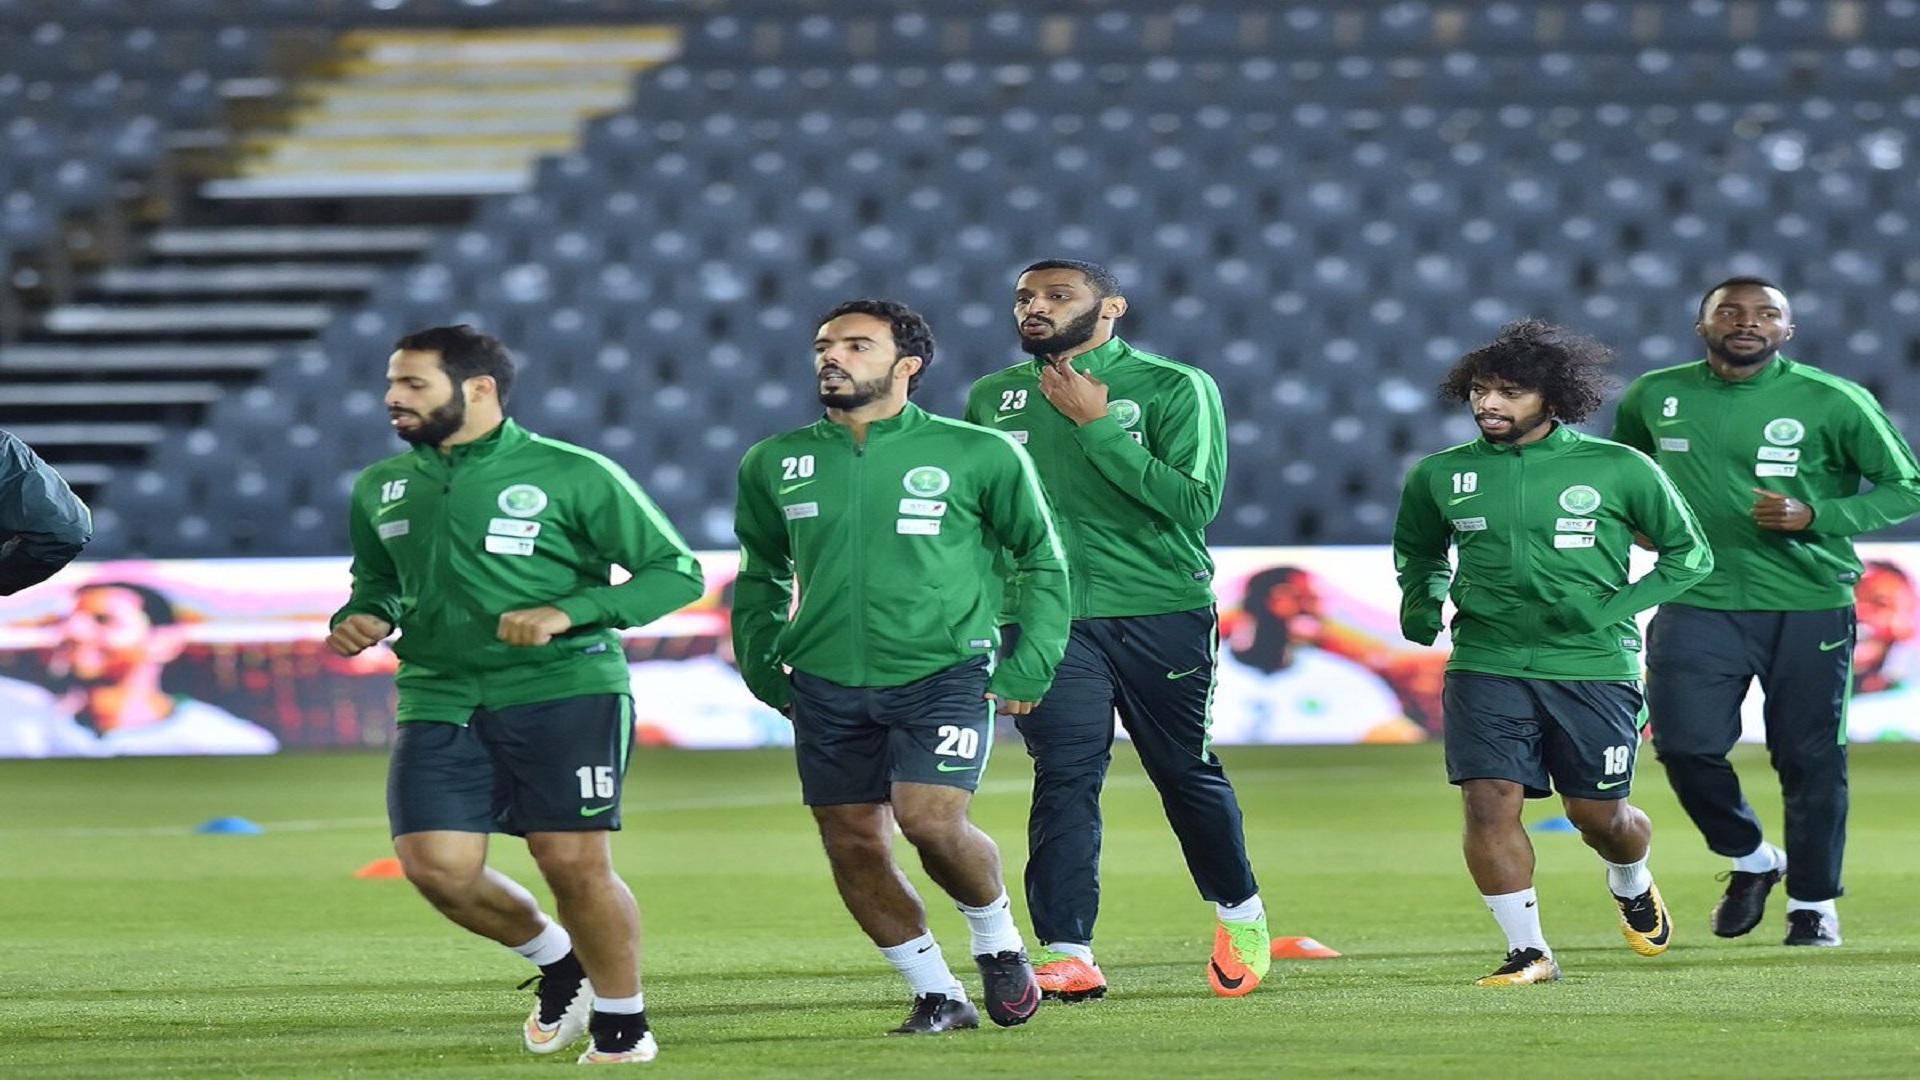 المنتخب السعودي - تدريبات